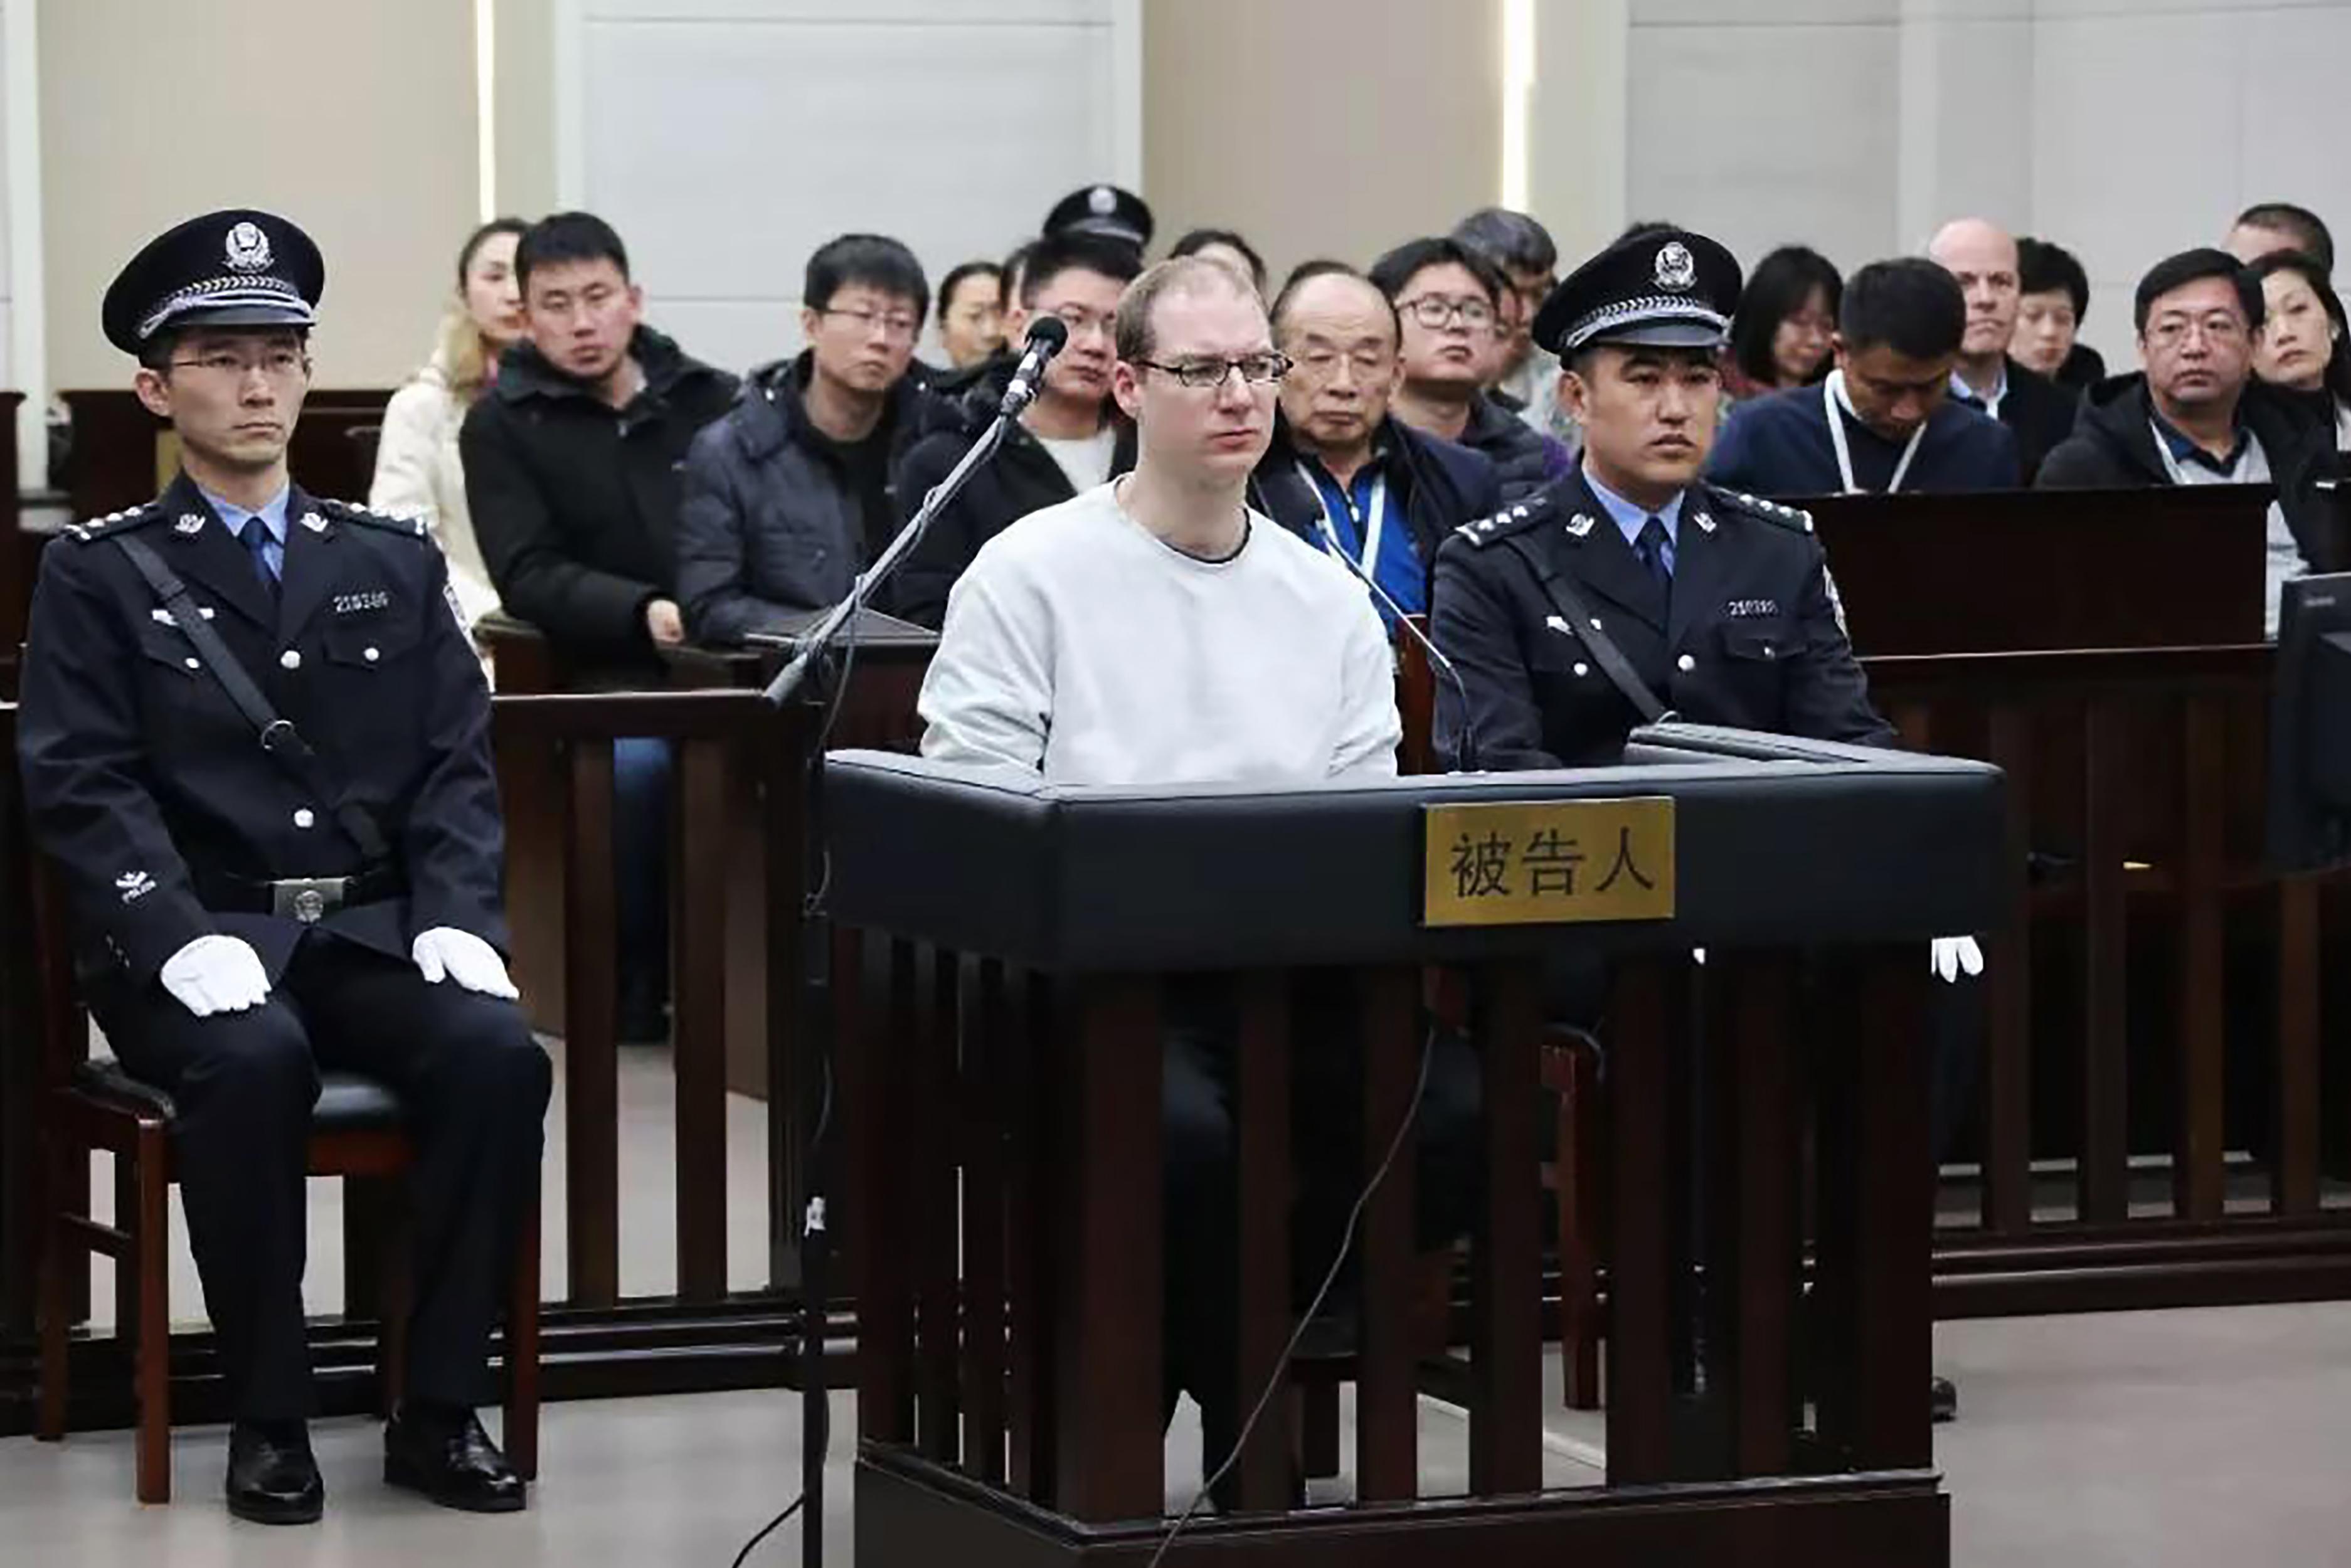 Kínában halálra ítéltek egy kanadai állampolgárt drogcsempészet miatt